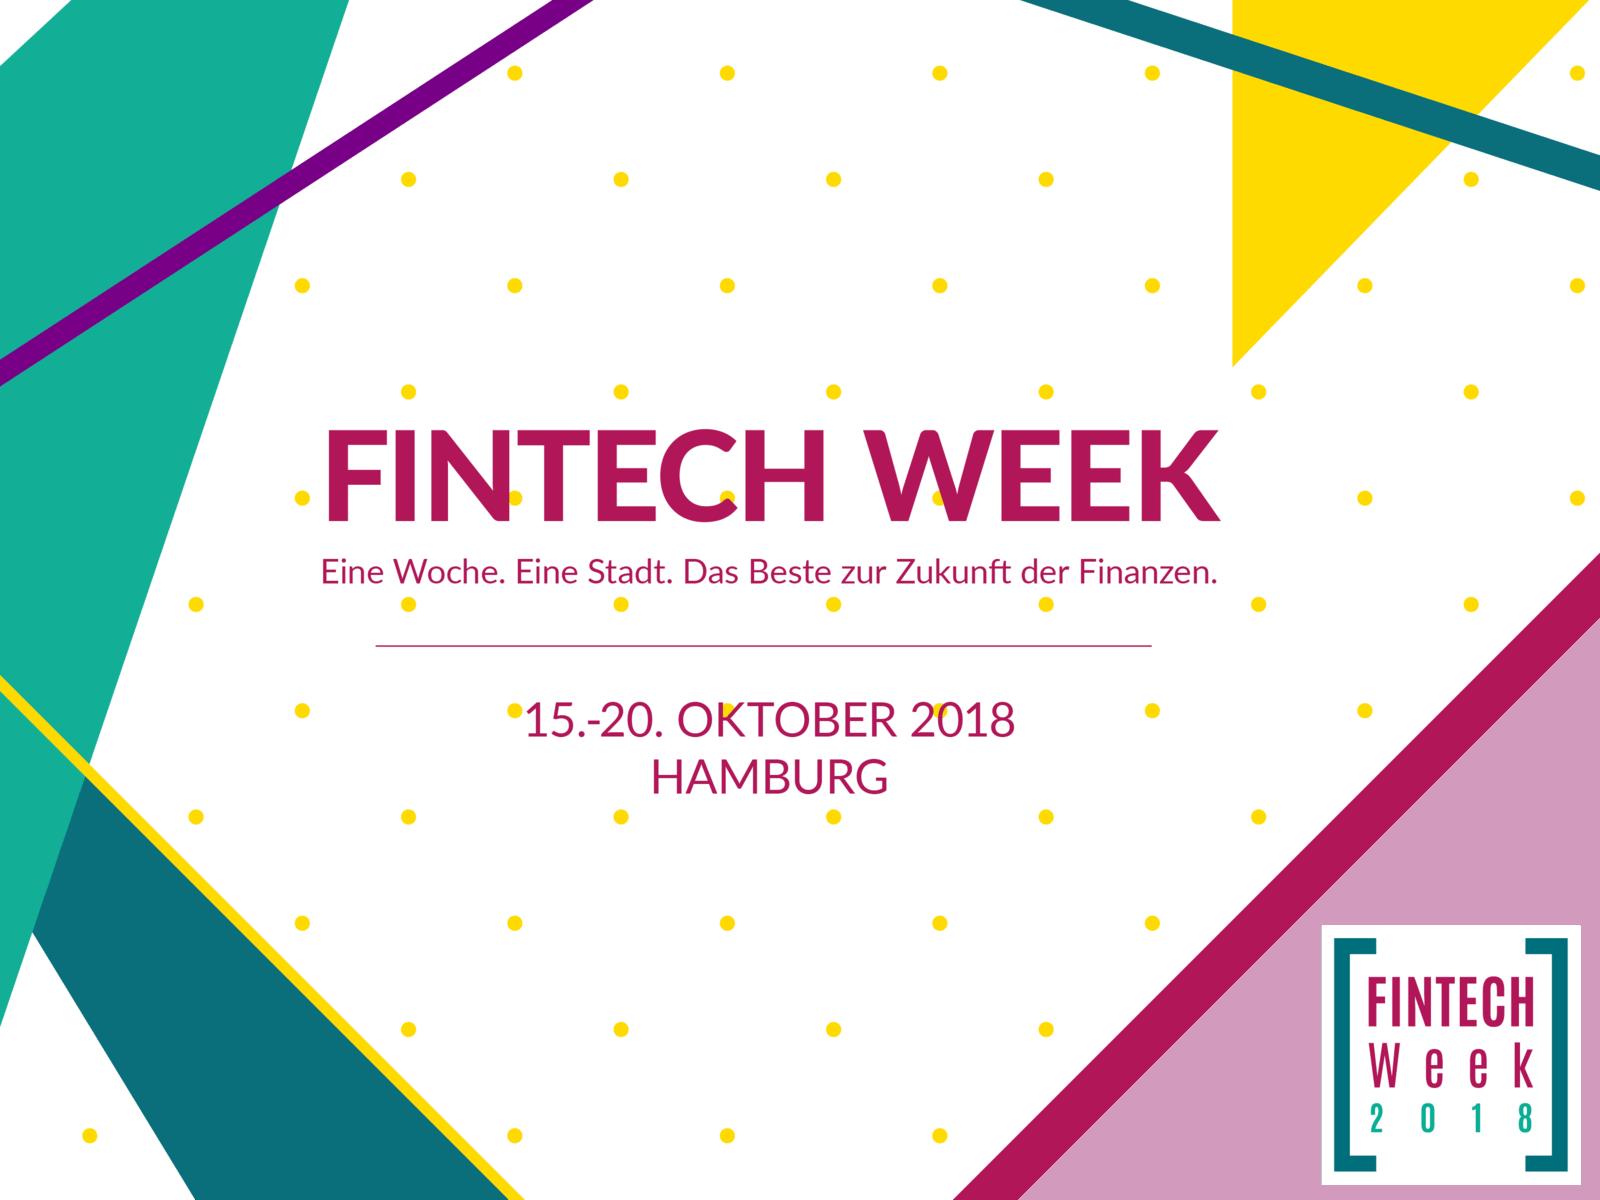 fintechweek_header_gründerküche